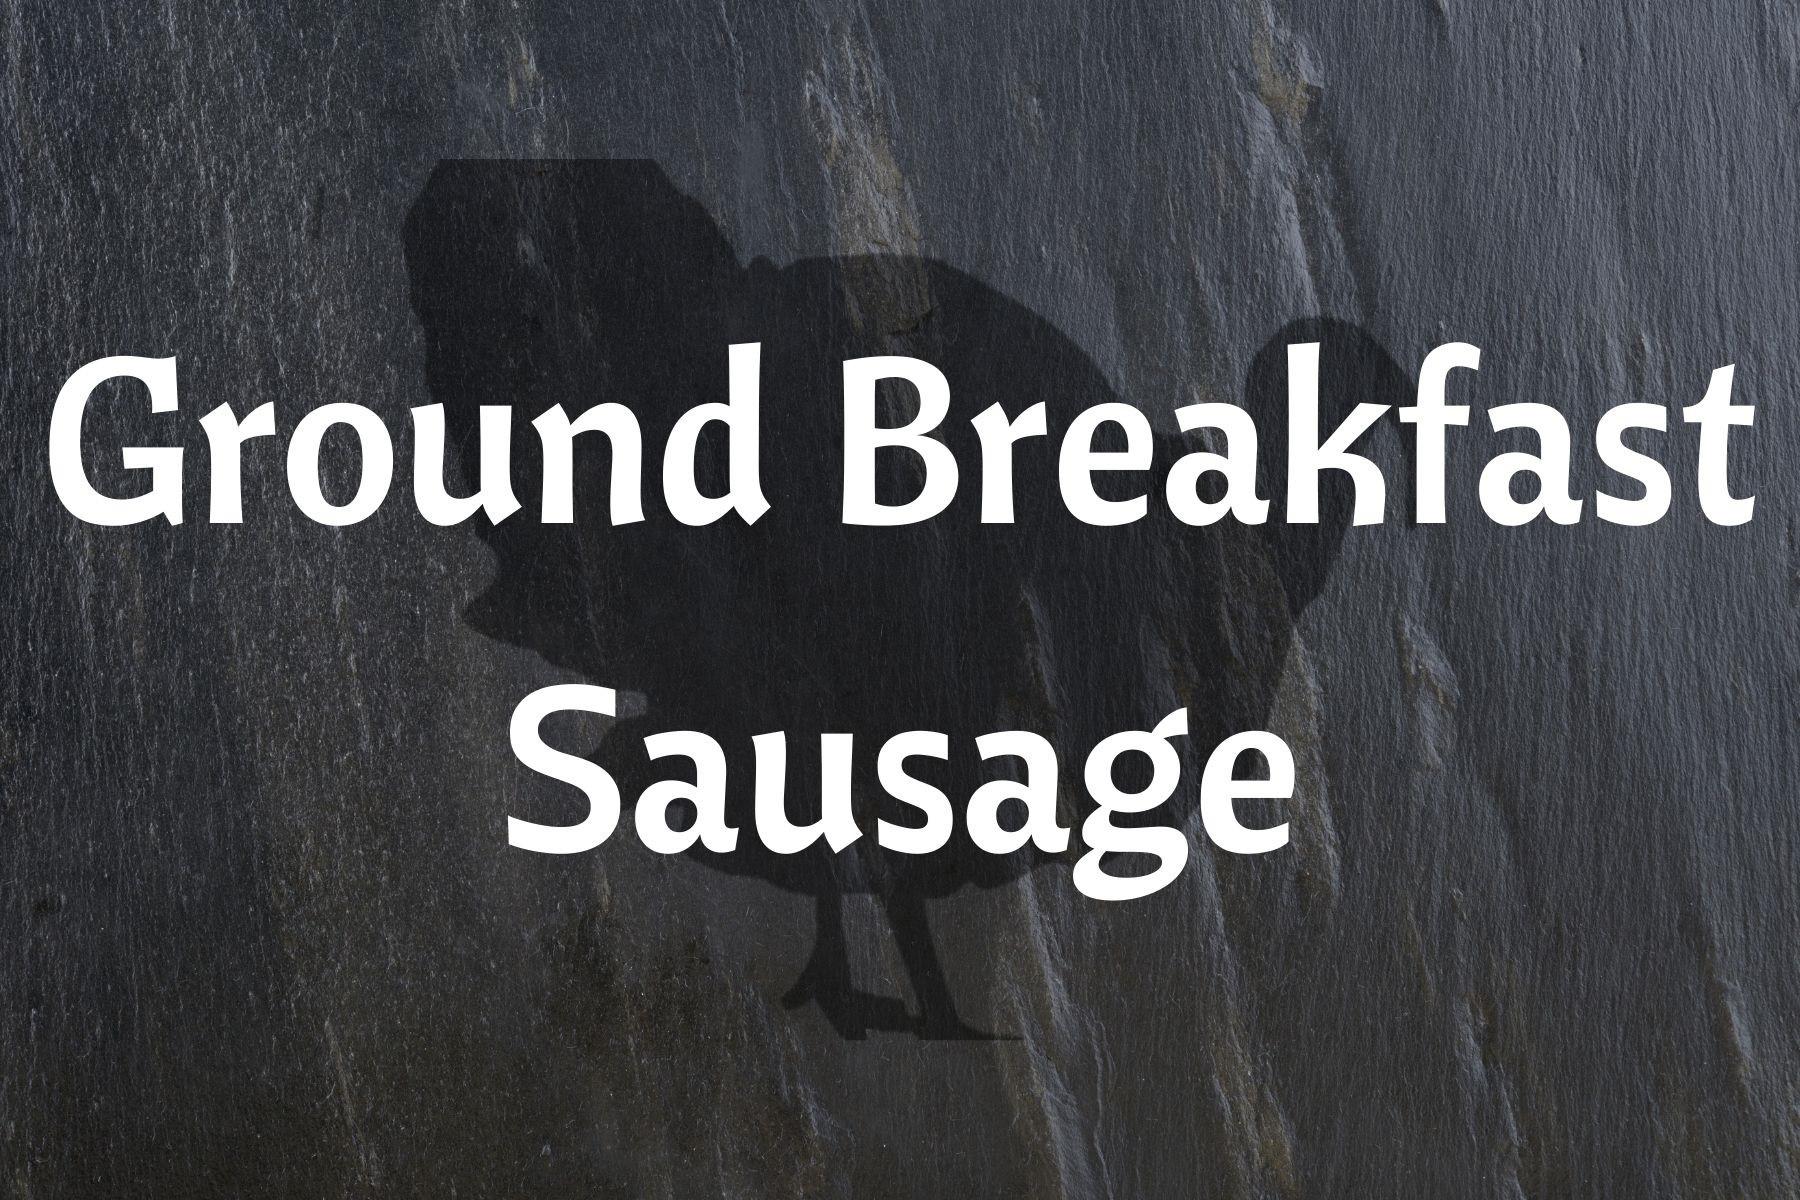 Ground Turkey Breakfast Sausage